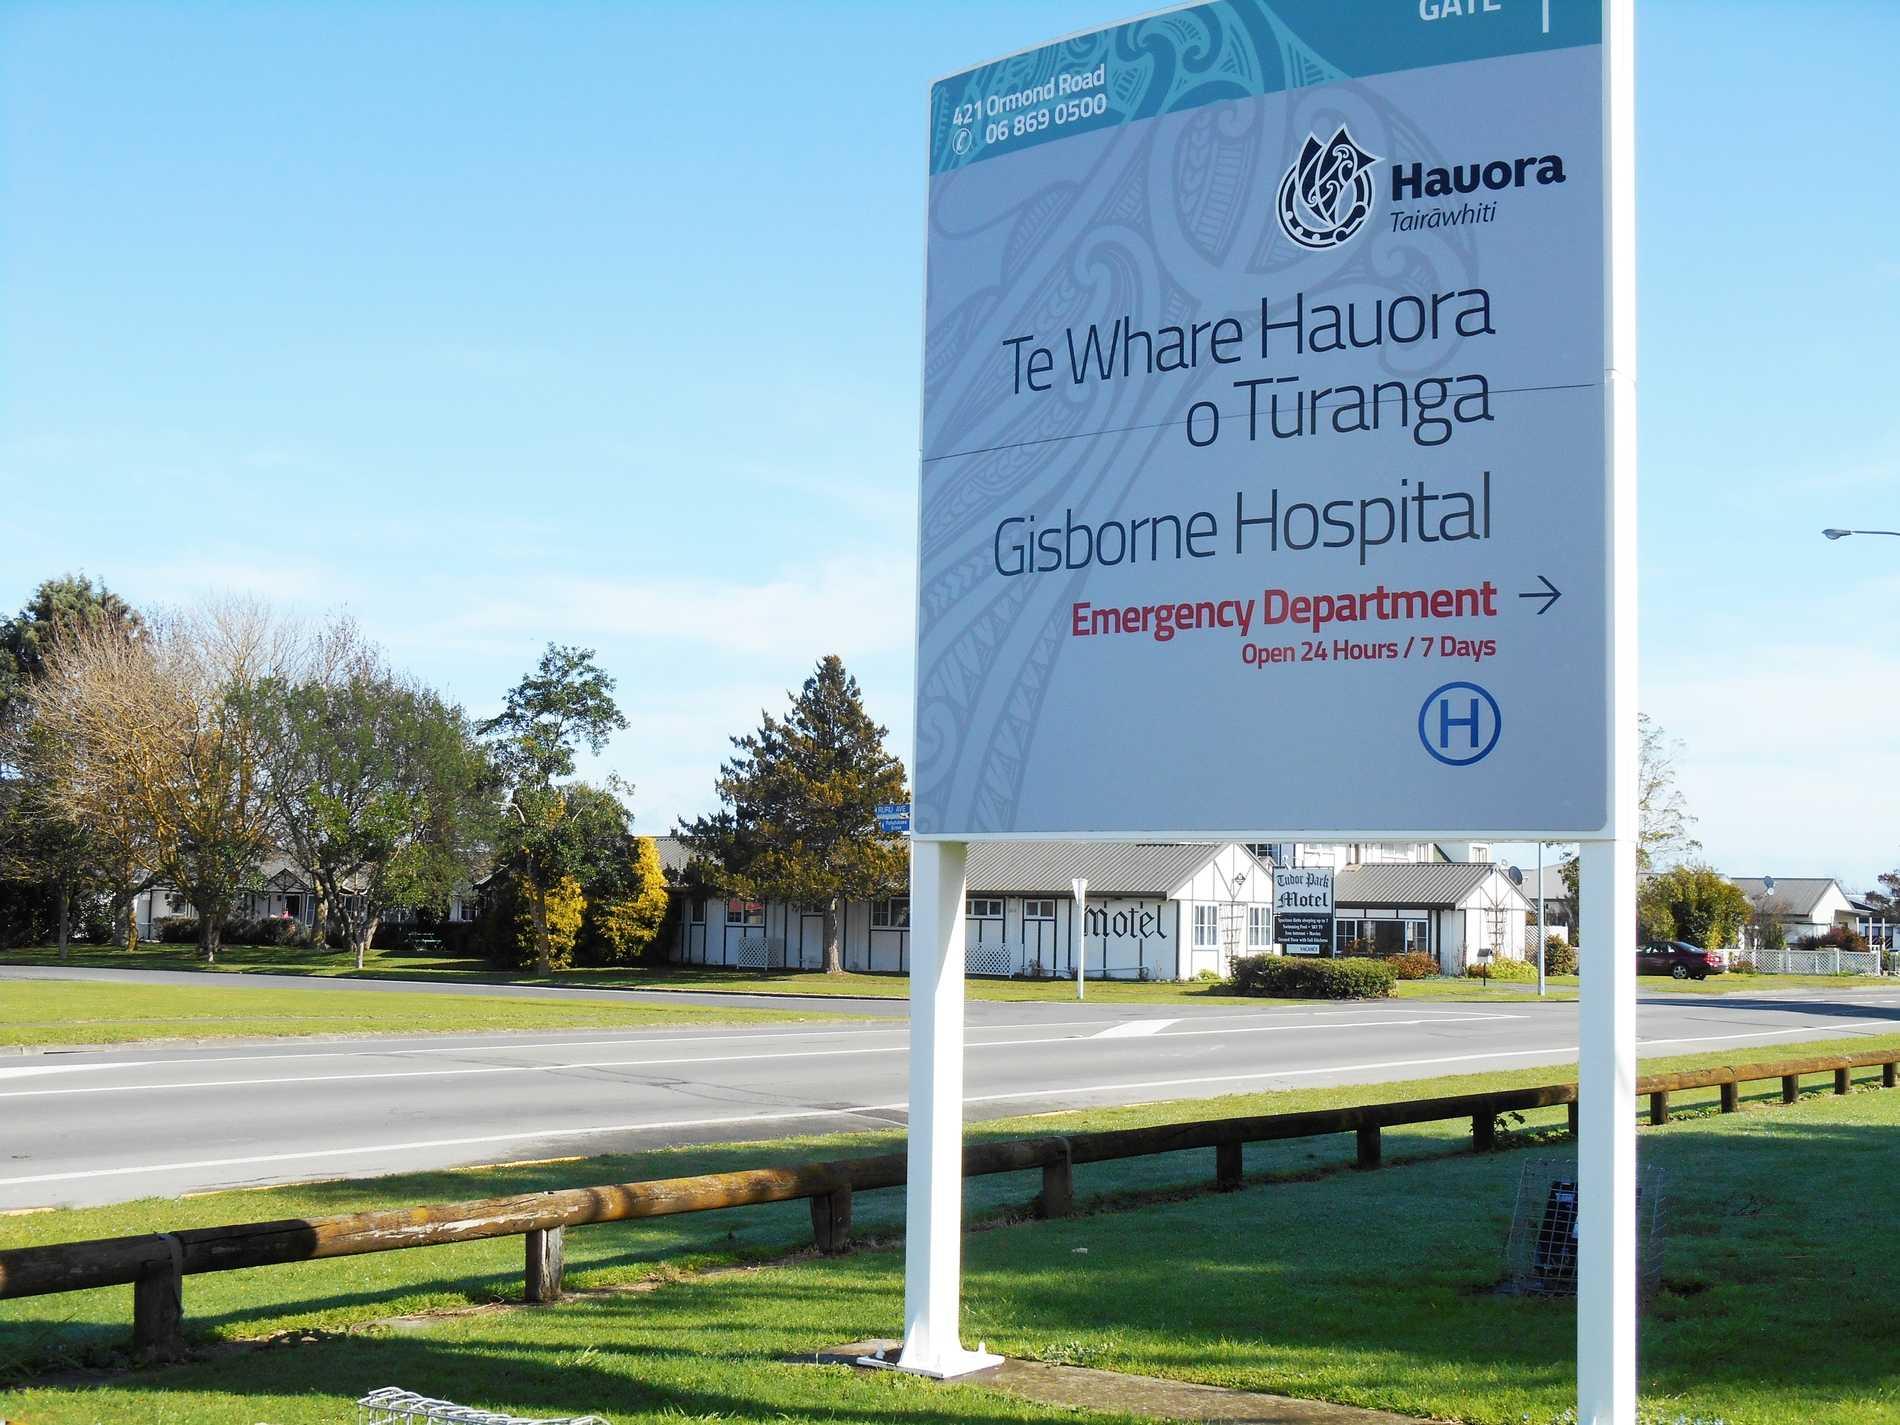 Gisborne Hospital across the road